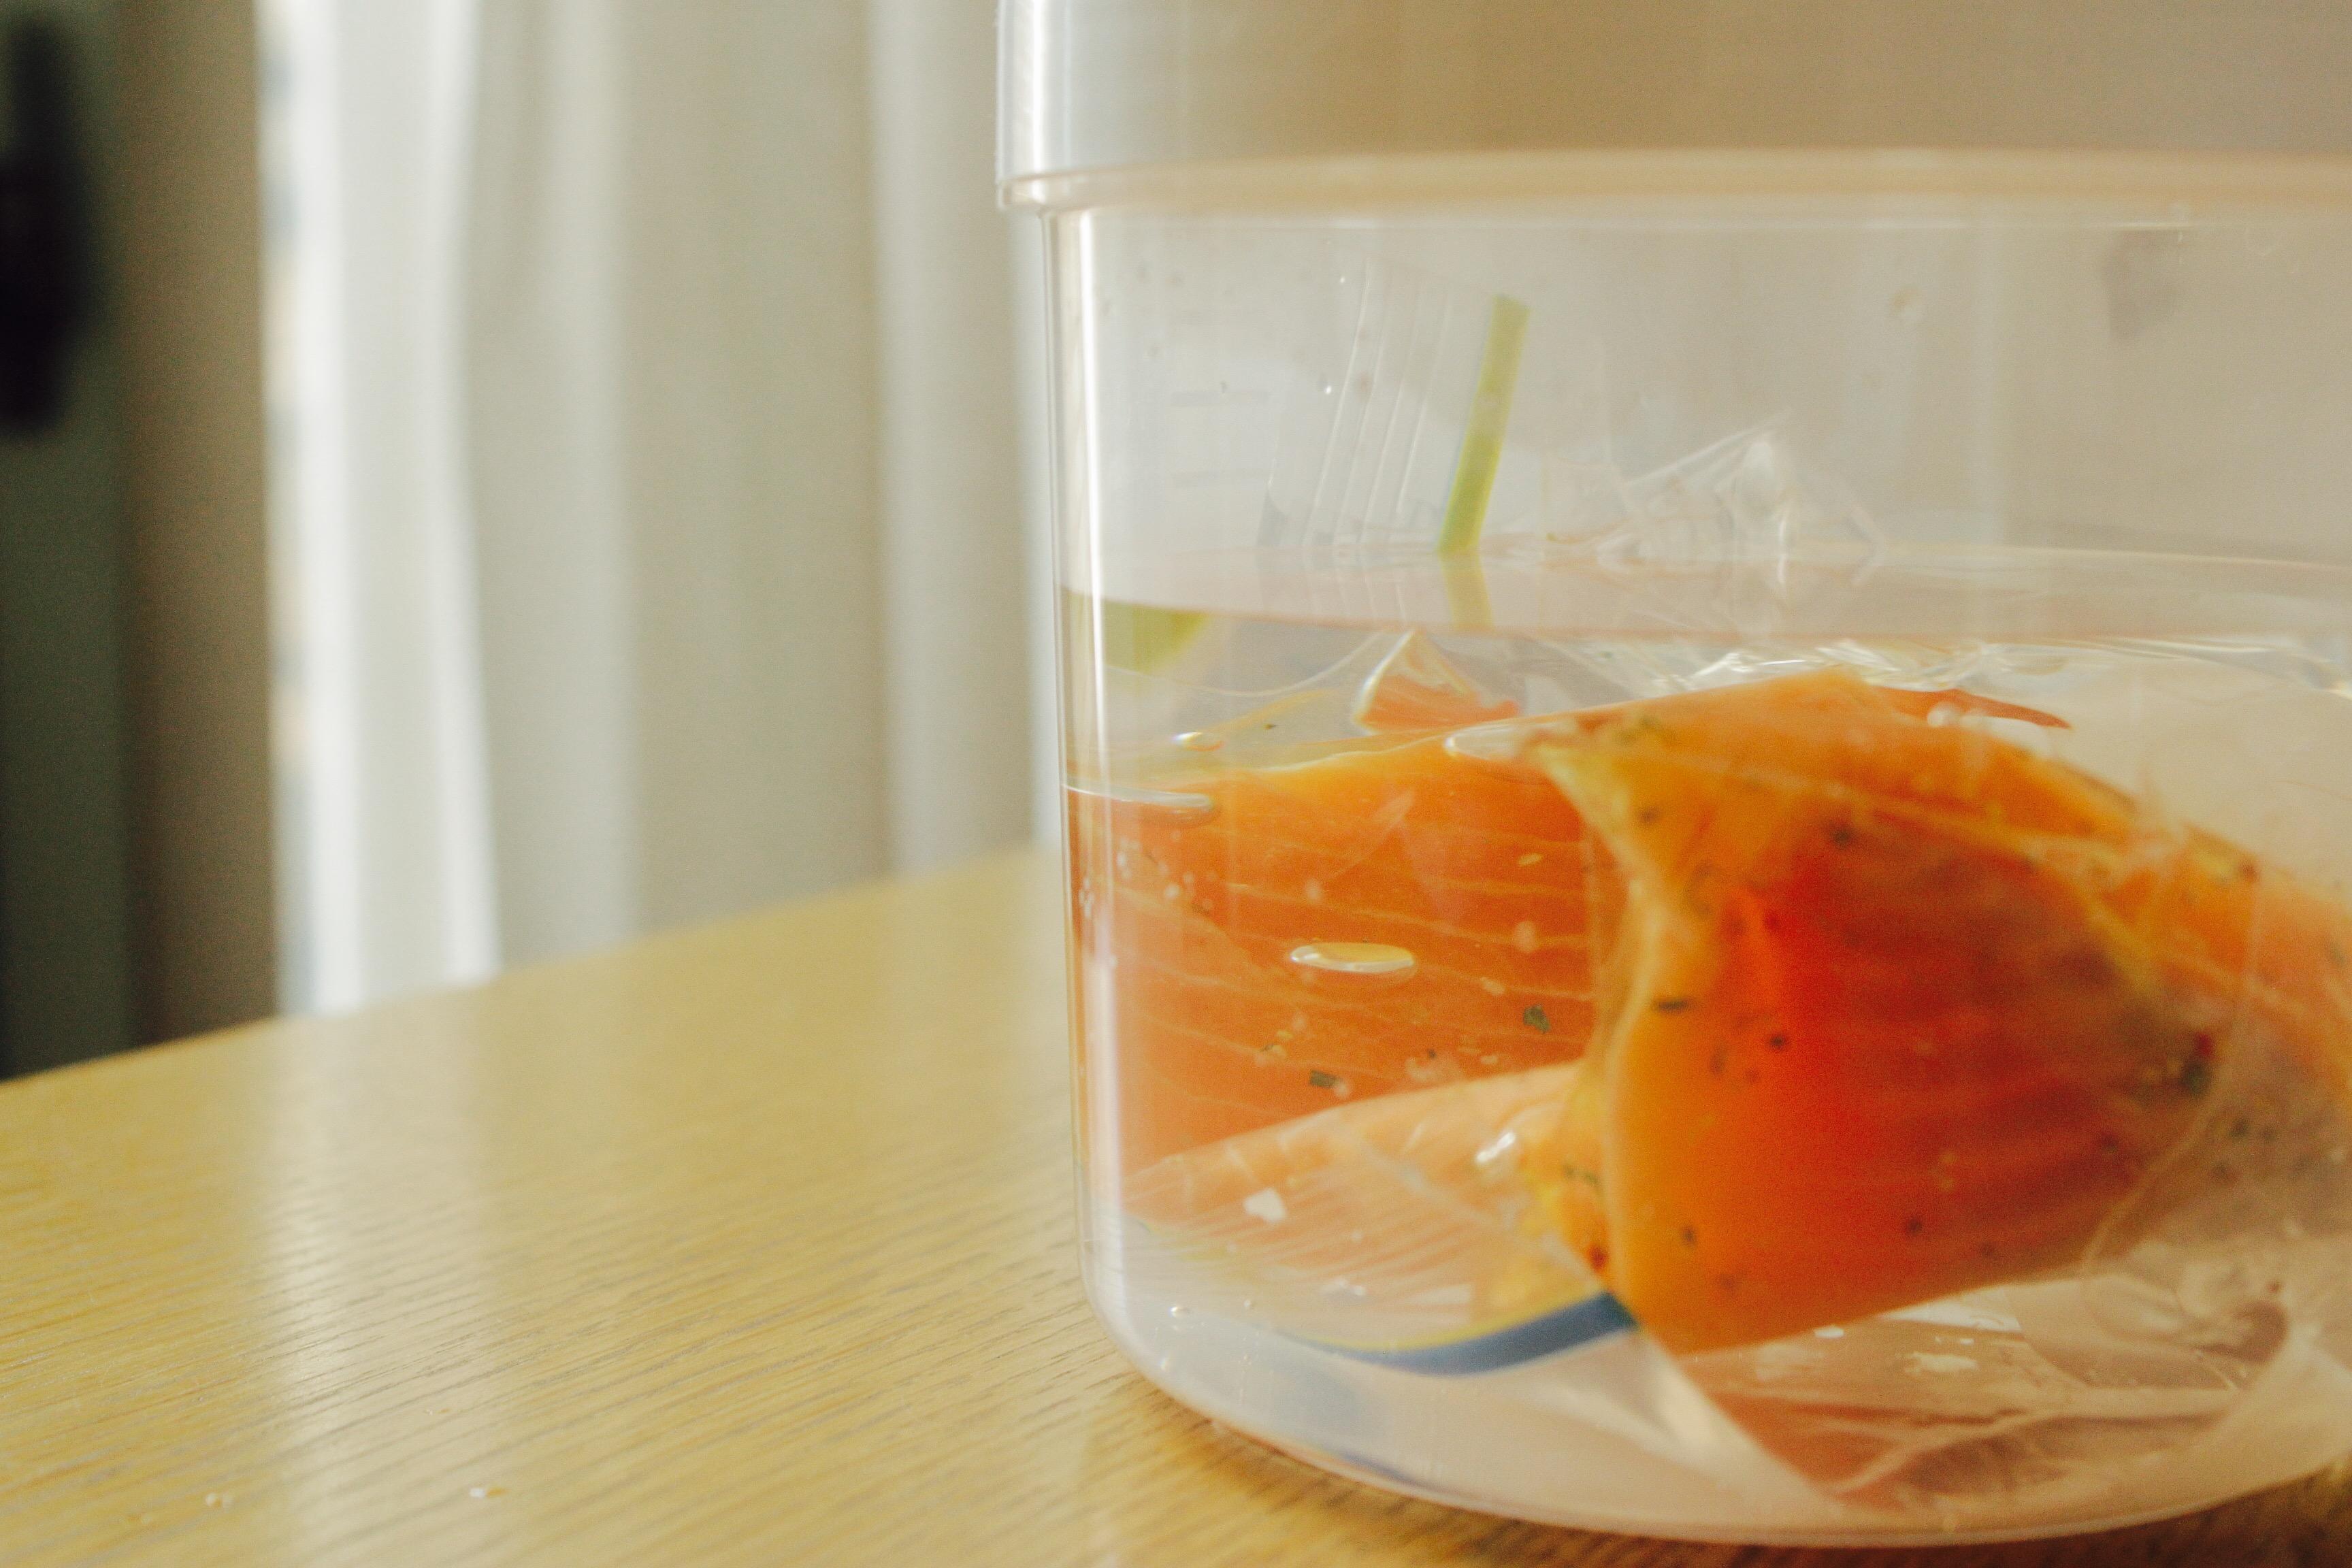 内容器に40℃のお湯をサーモンを入れる